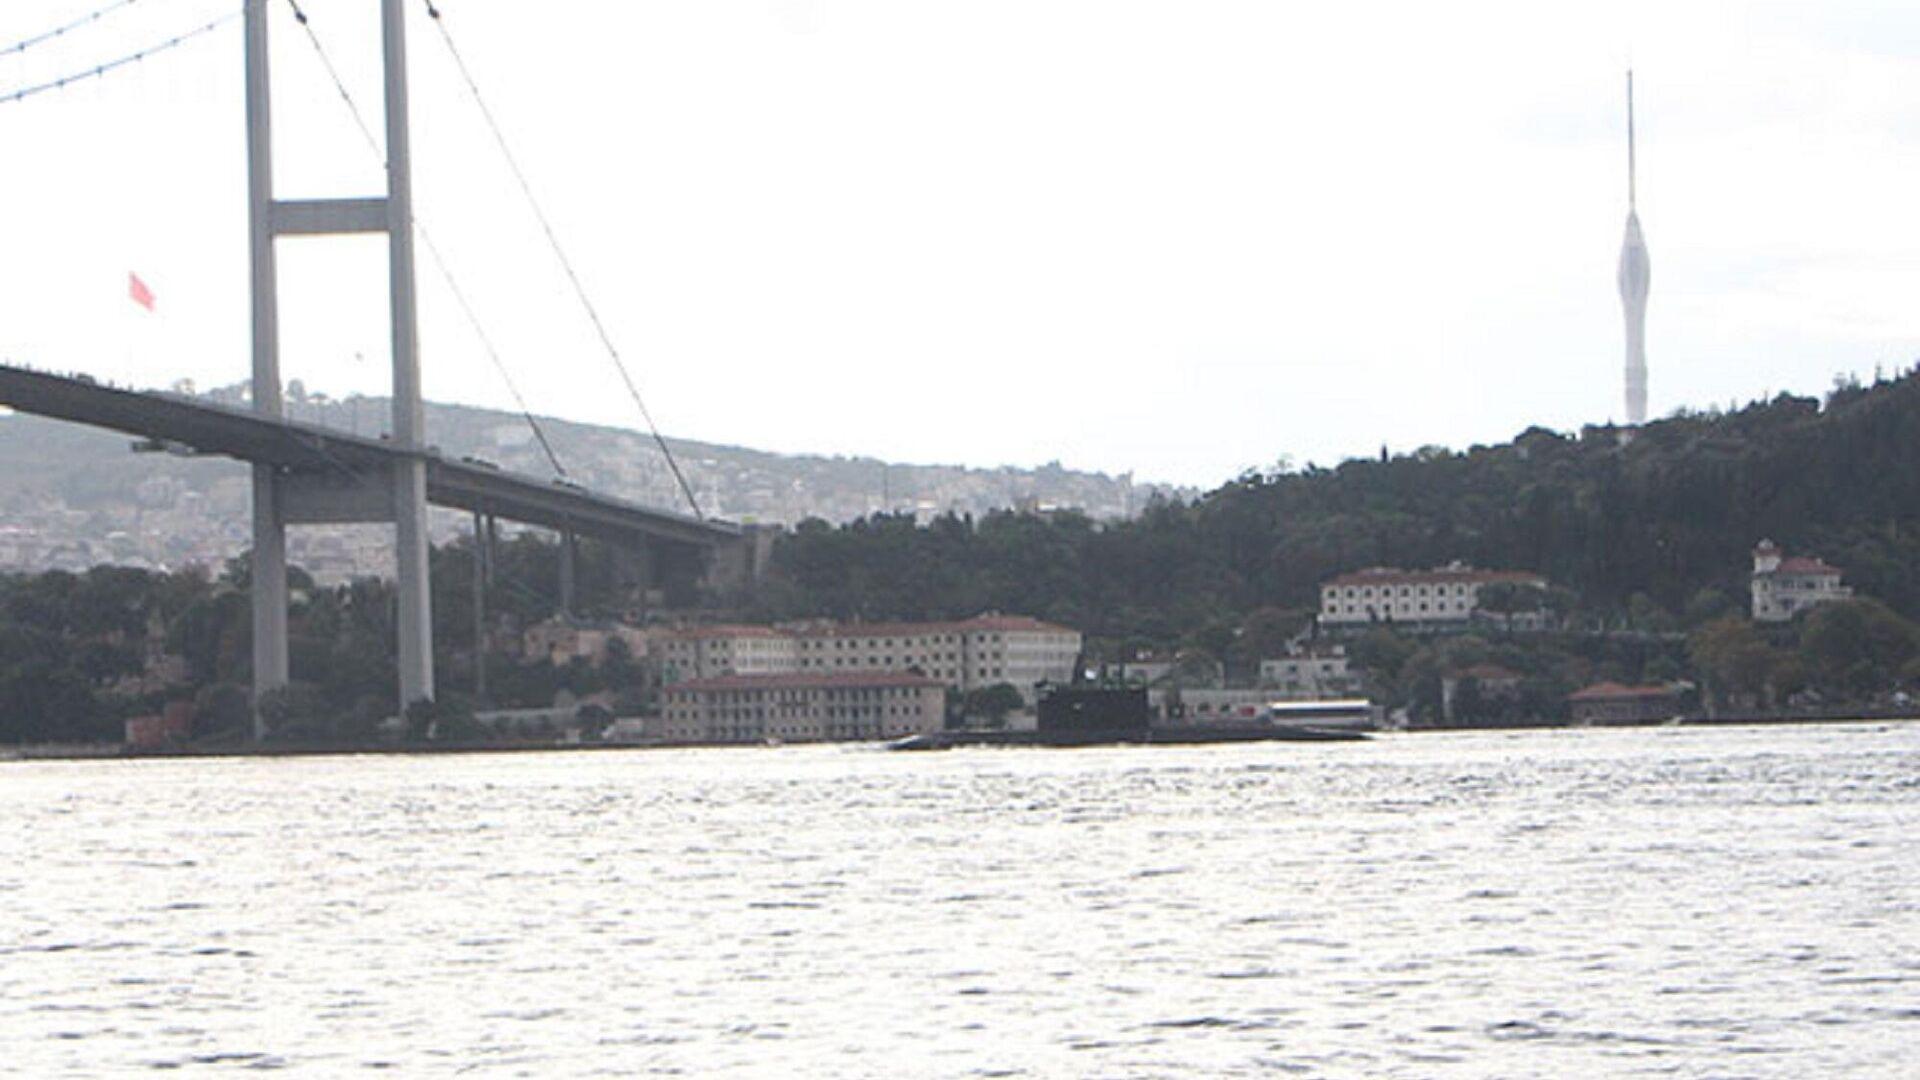 Rus denizaltı İstanbul Boğazı'ndan geçti  - Sputnik Türkiye, 1920, 23.09.2021